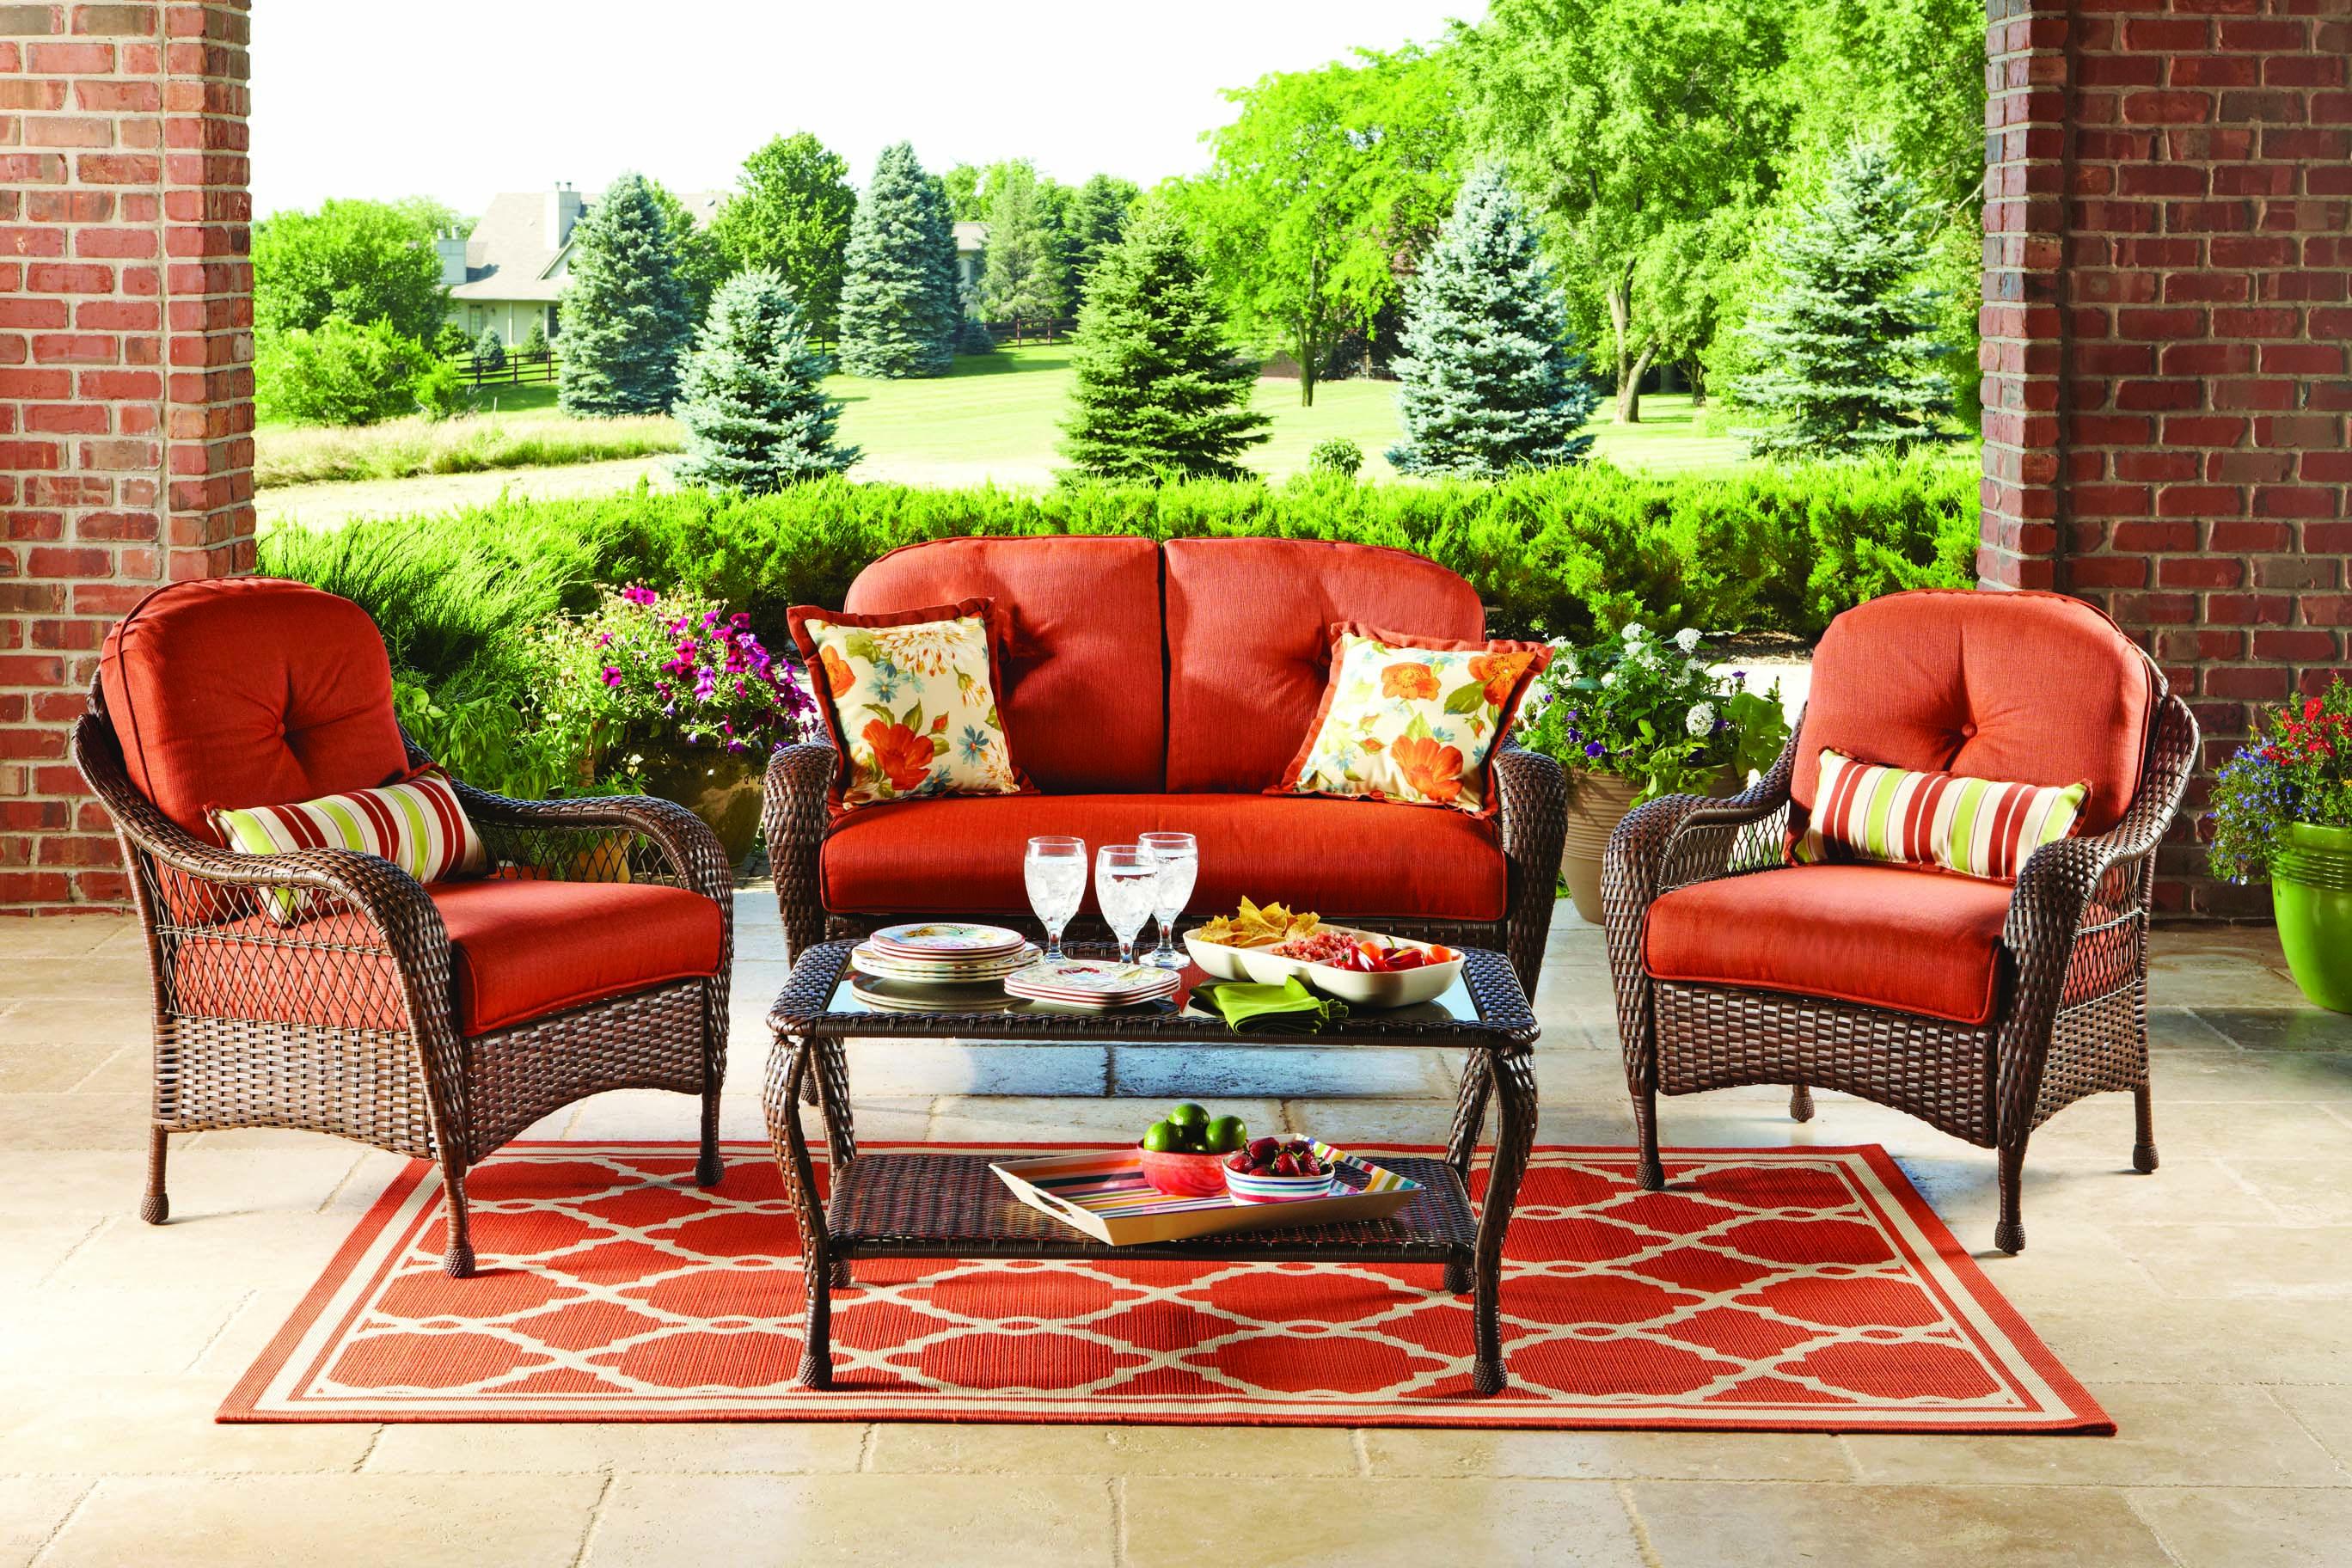 Patio & Garden Home Furniture